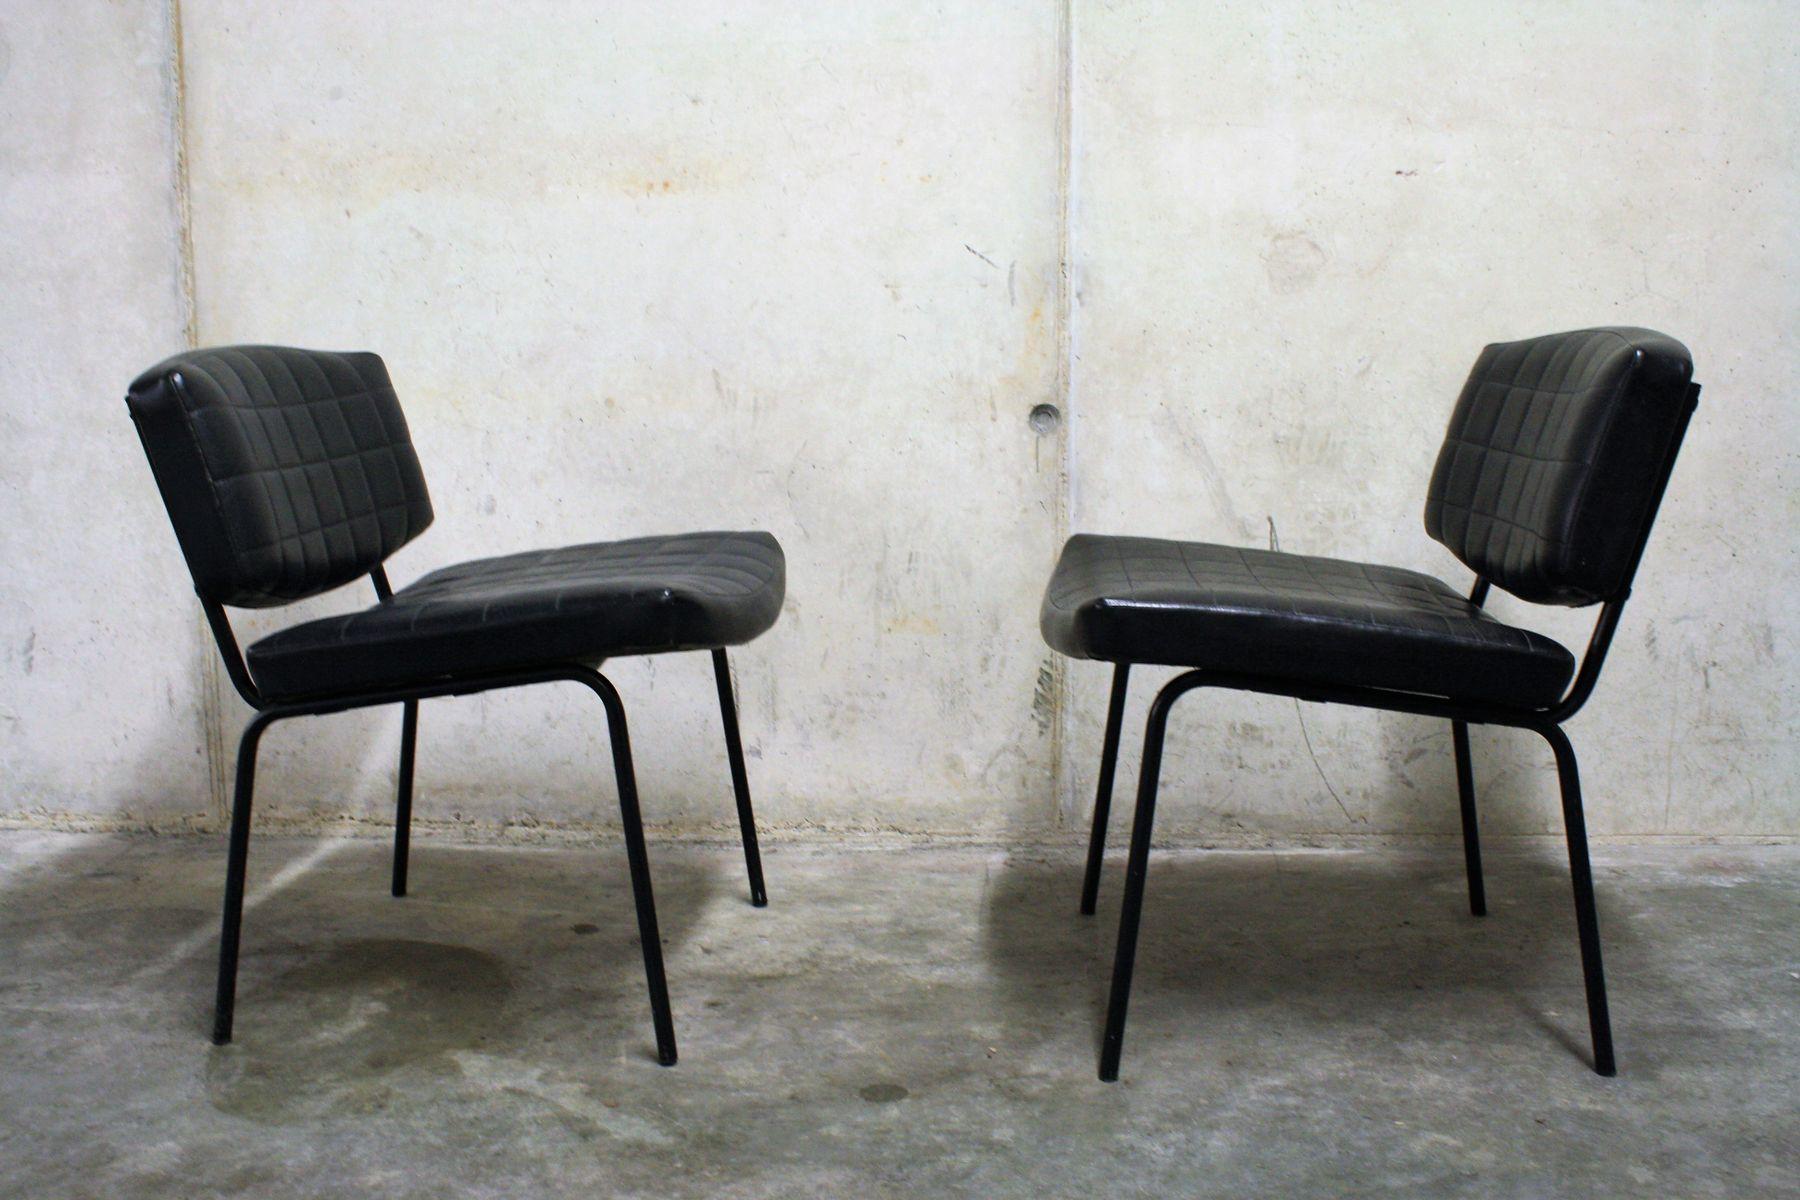 schwarze vintage kunstleder st hle von pierre guariche f r. Black Bedroom Furniture Sets. Home Design Ideas